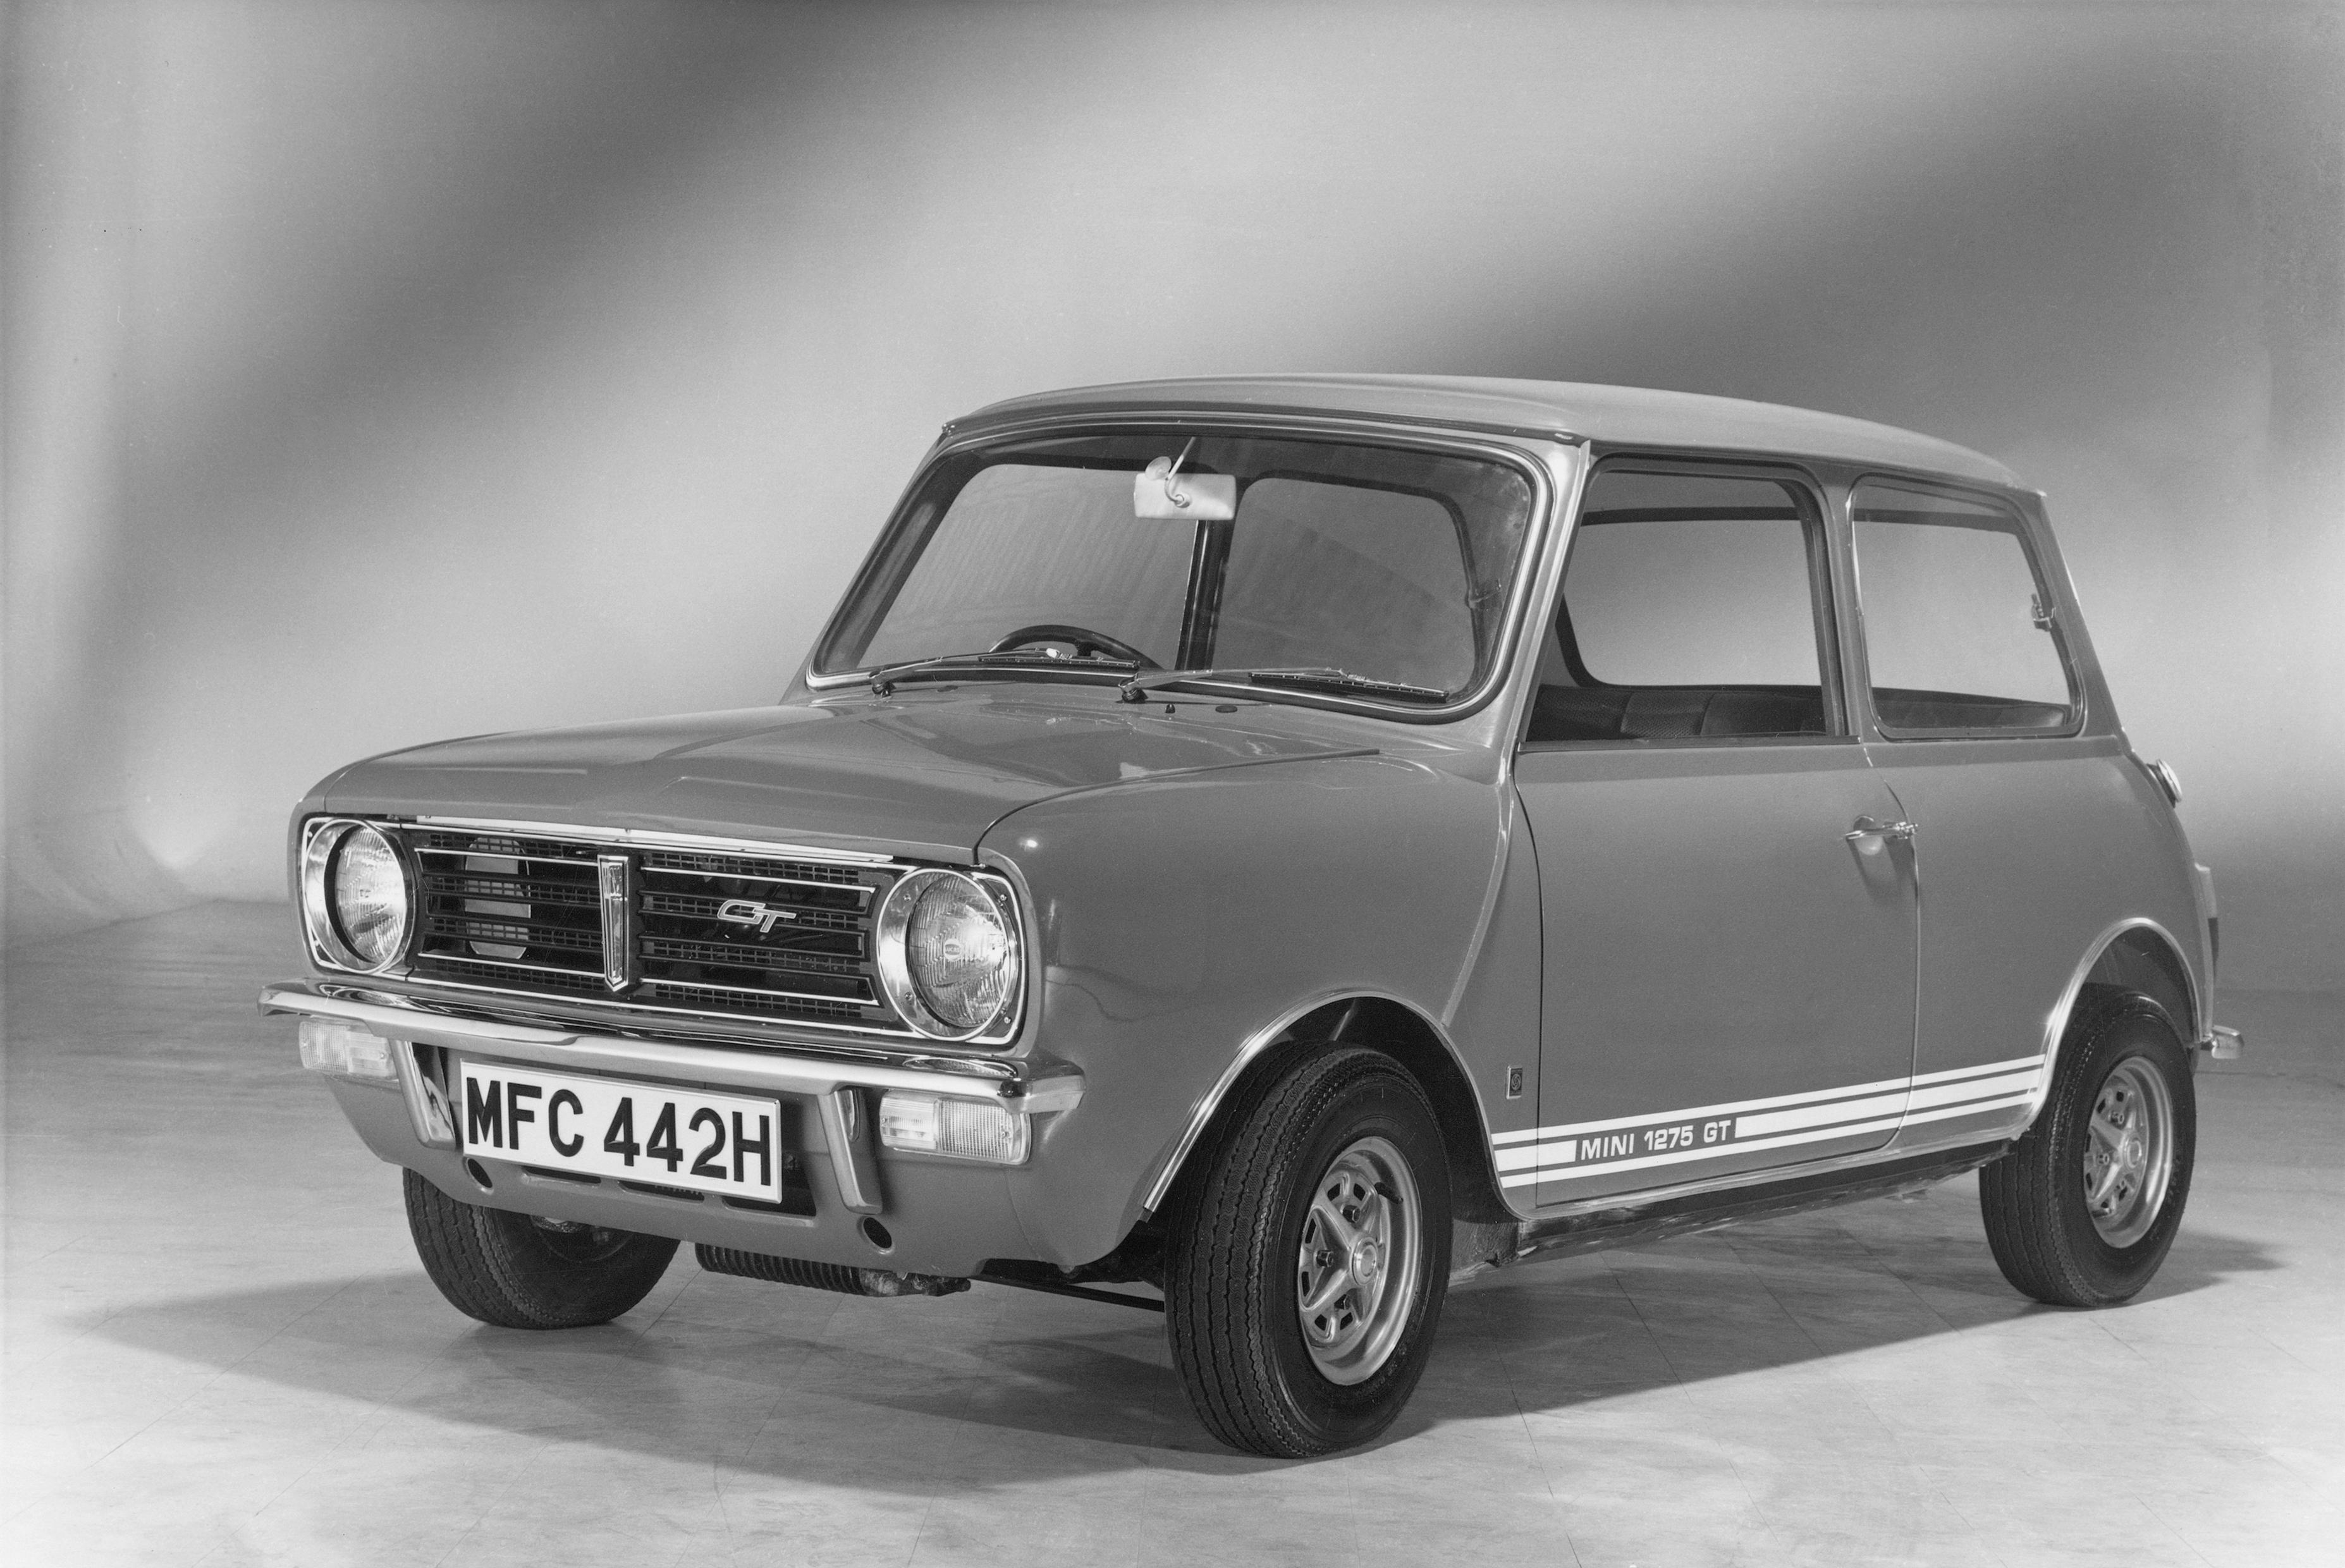 Classic 1960s Mini 1275 GT